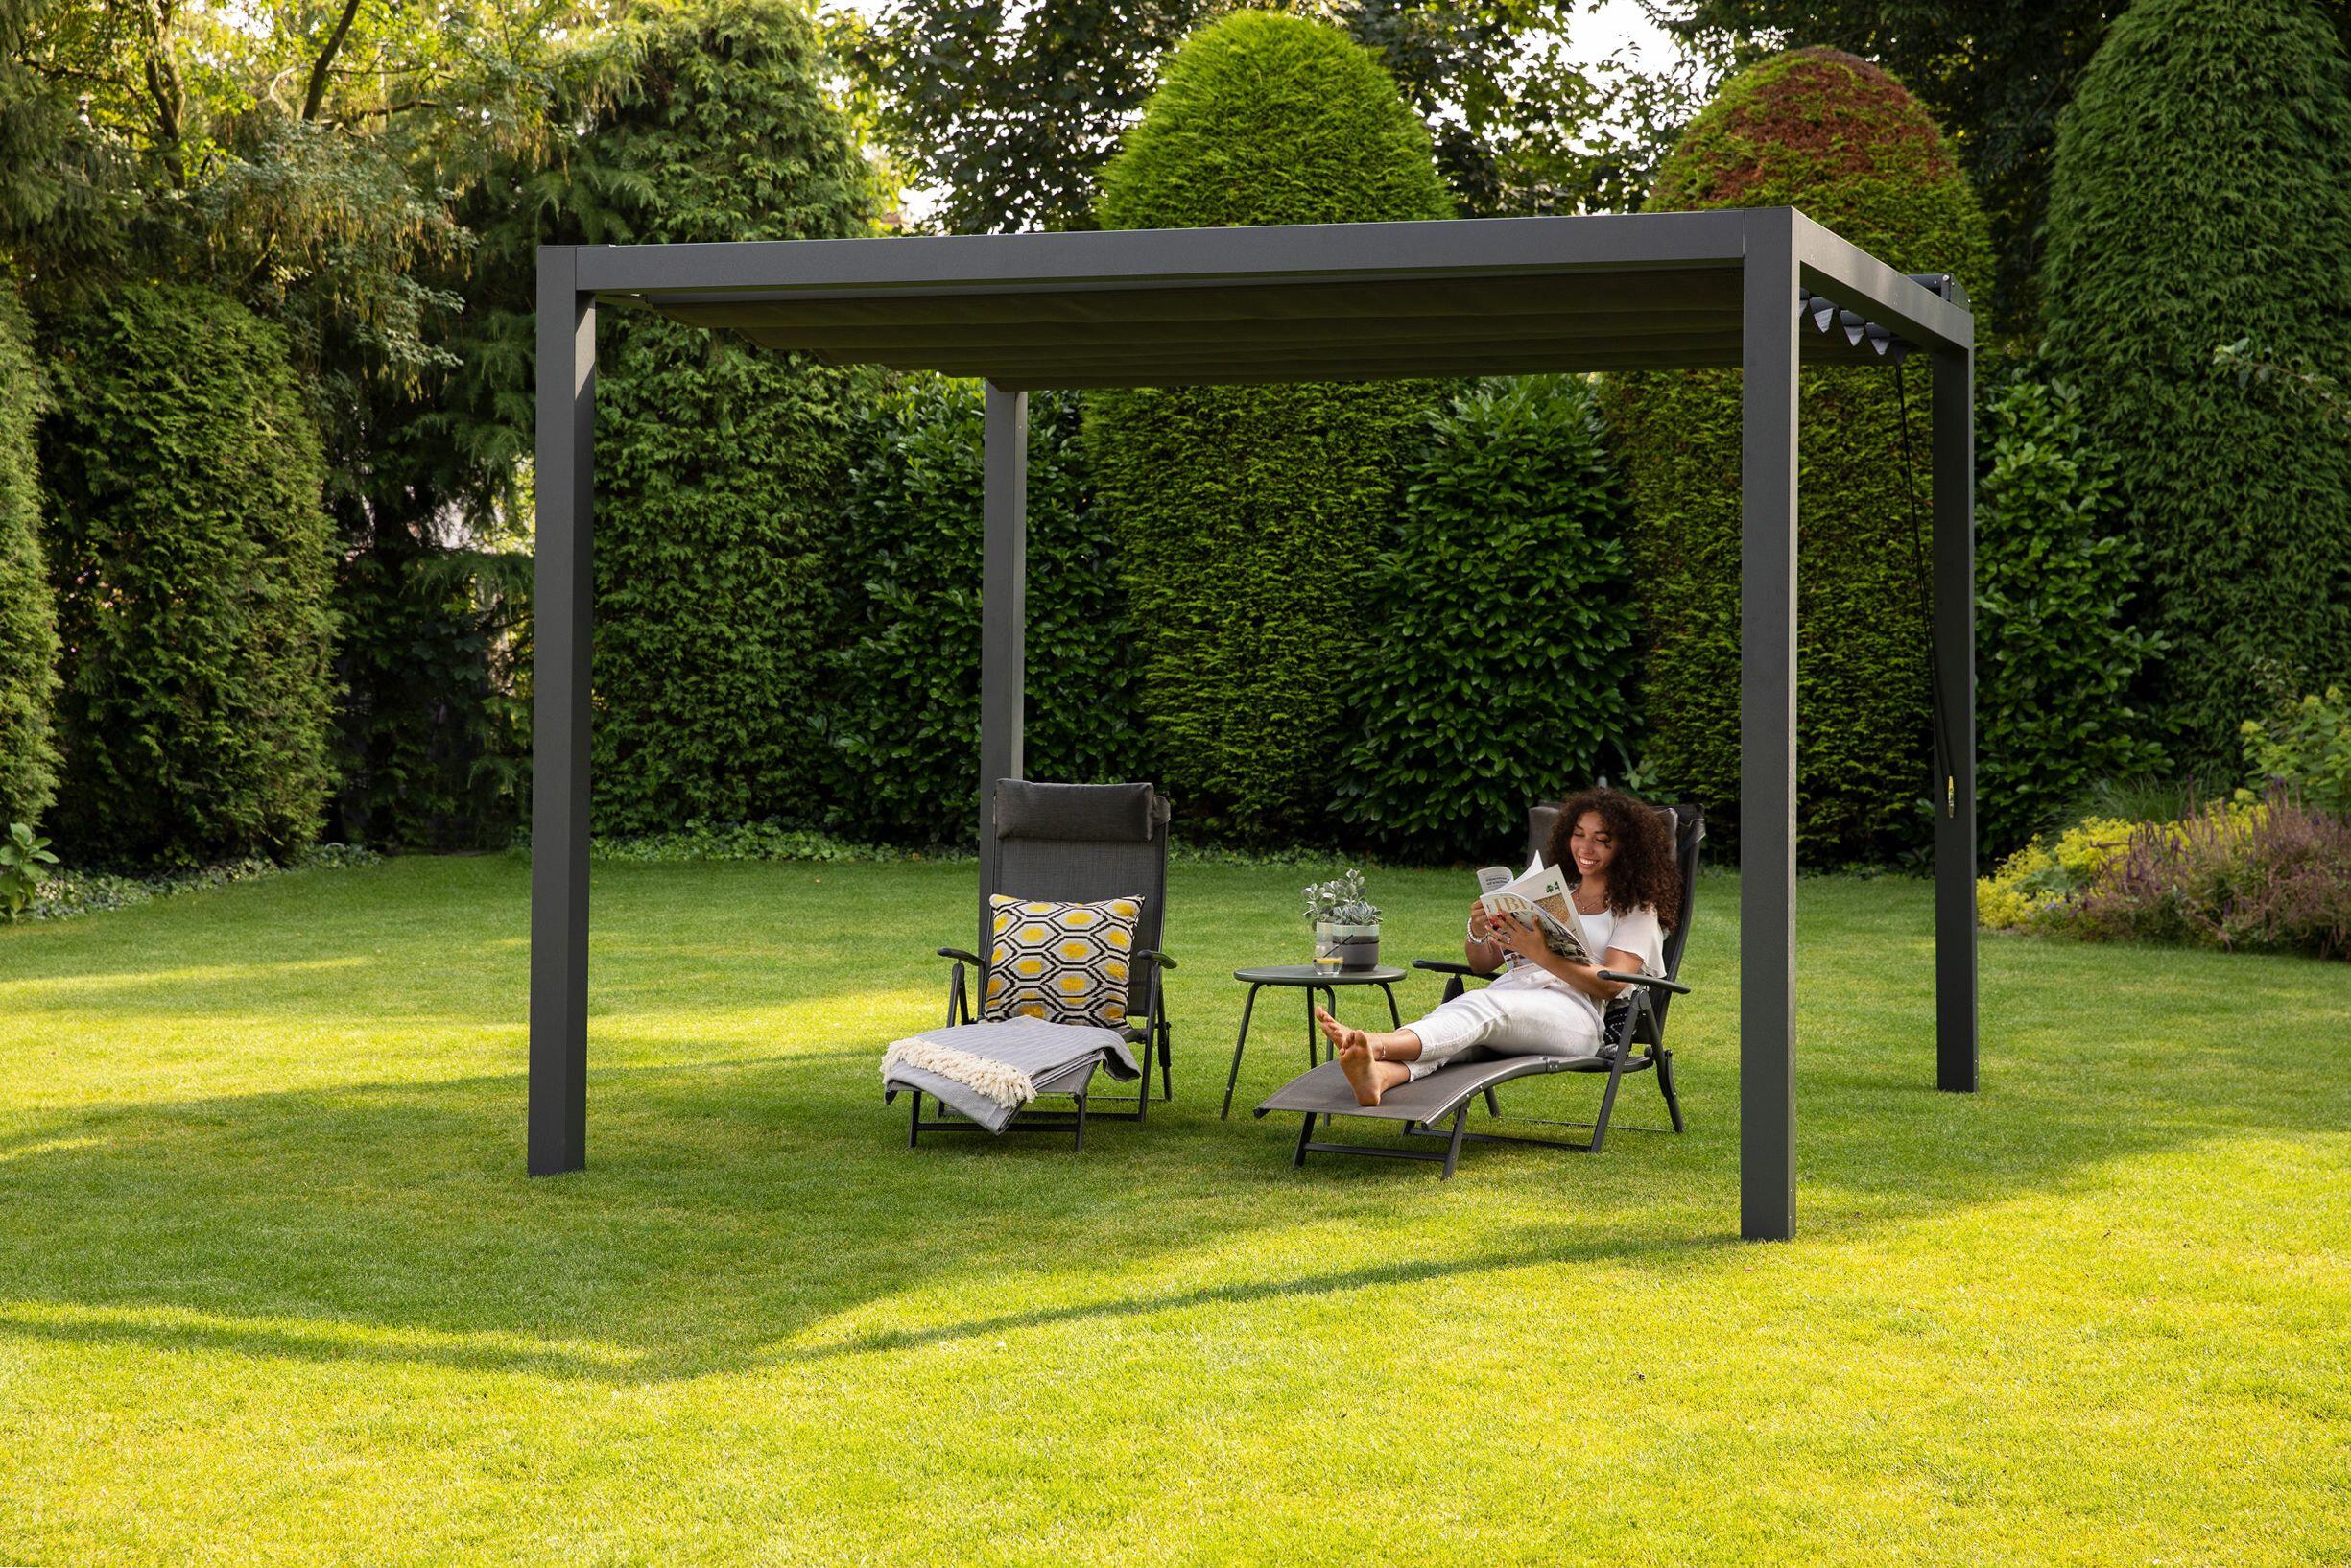 Pergola aluminium antraciet 'Stand Alone' 3,19 x 4,19 meter